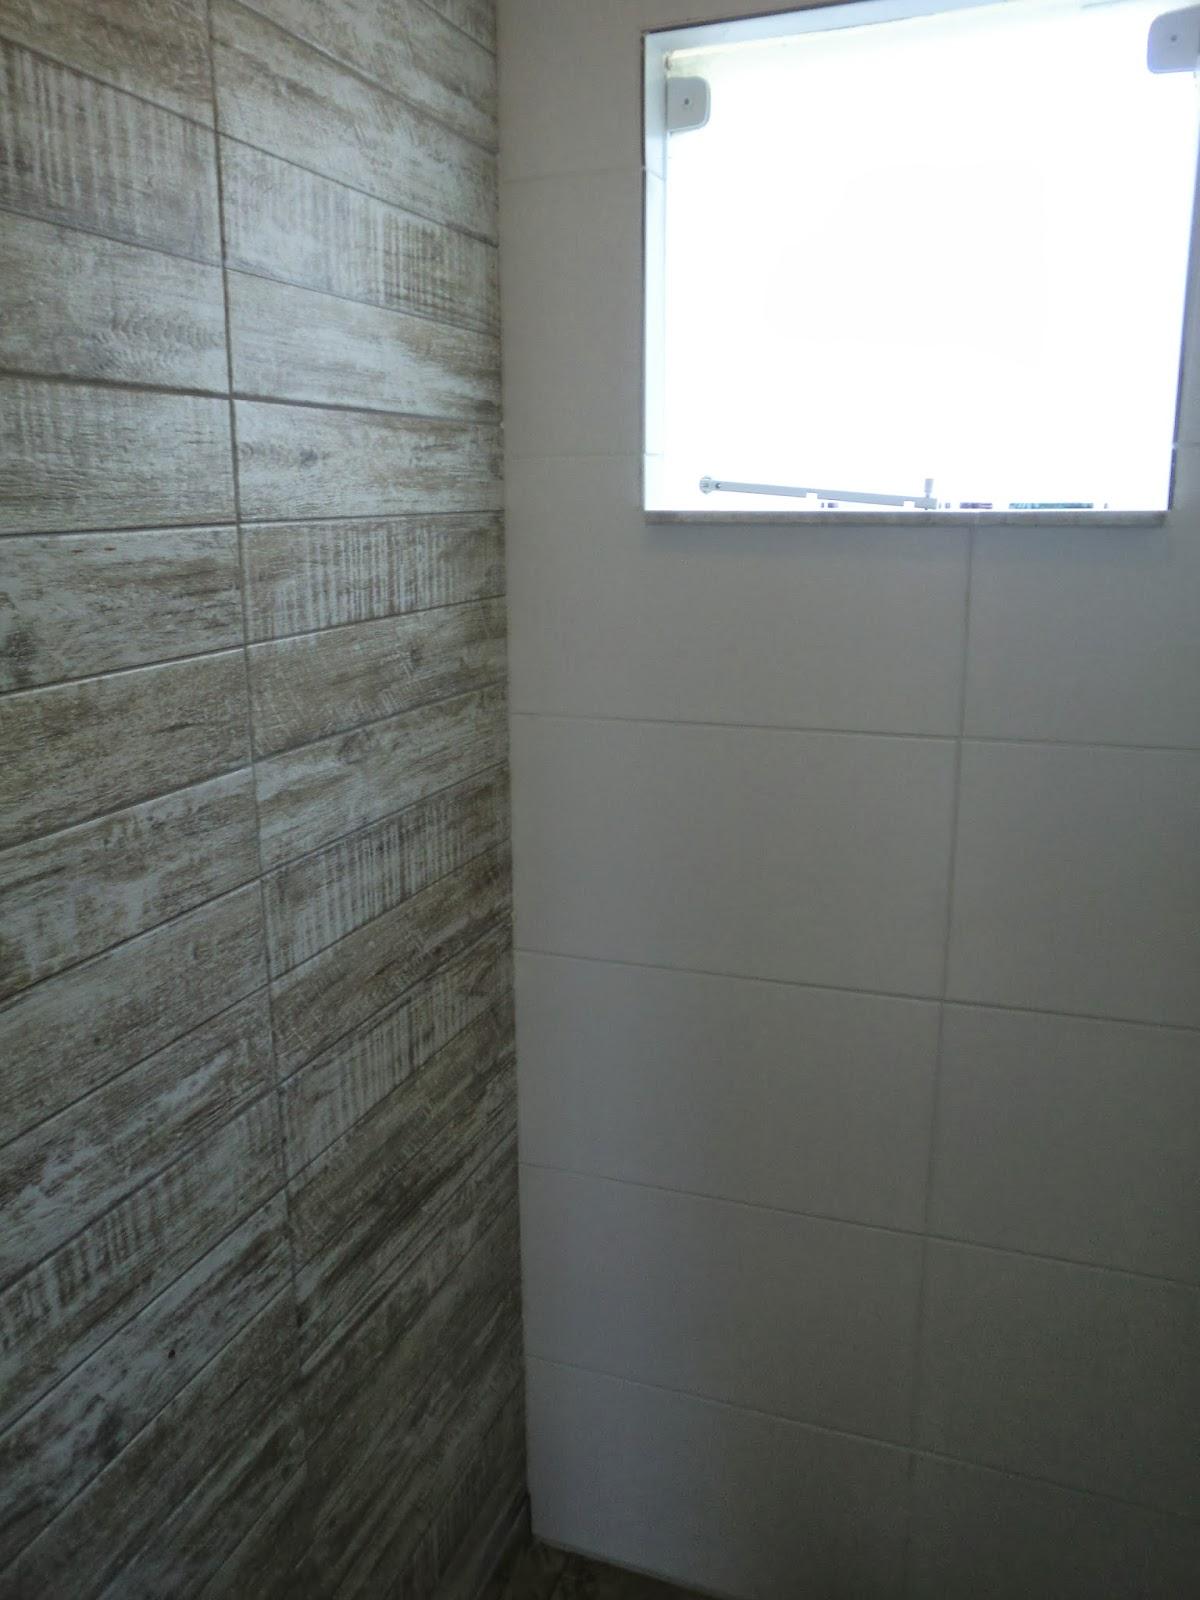 em reforma Durante a Reforma Reforma Barata de Lavabo e Banheiro #437188 1200x1600 Altura Pontos Hidraulicos Banheiro